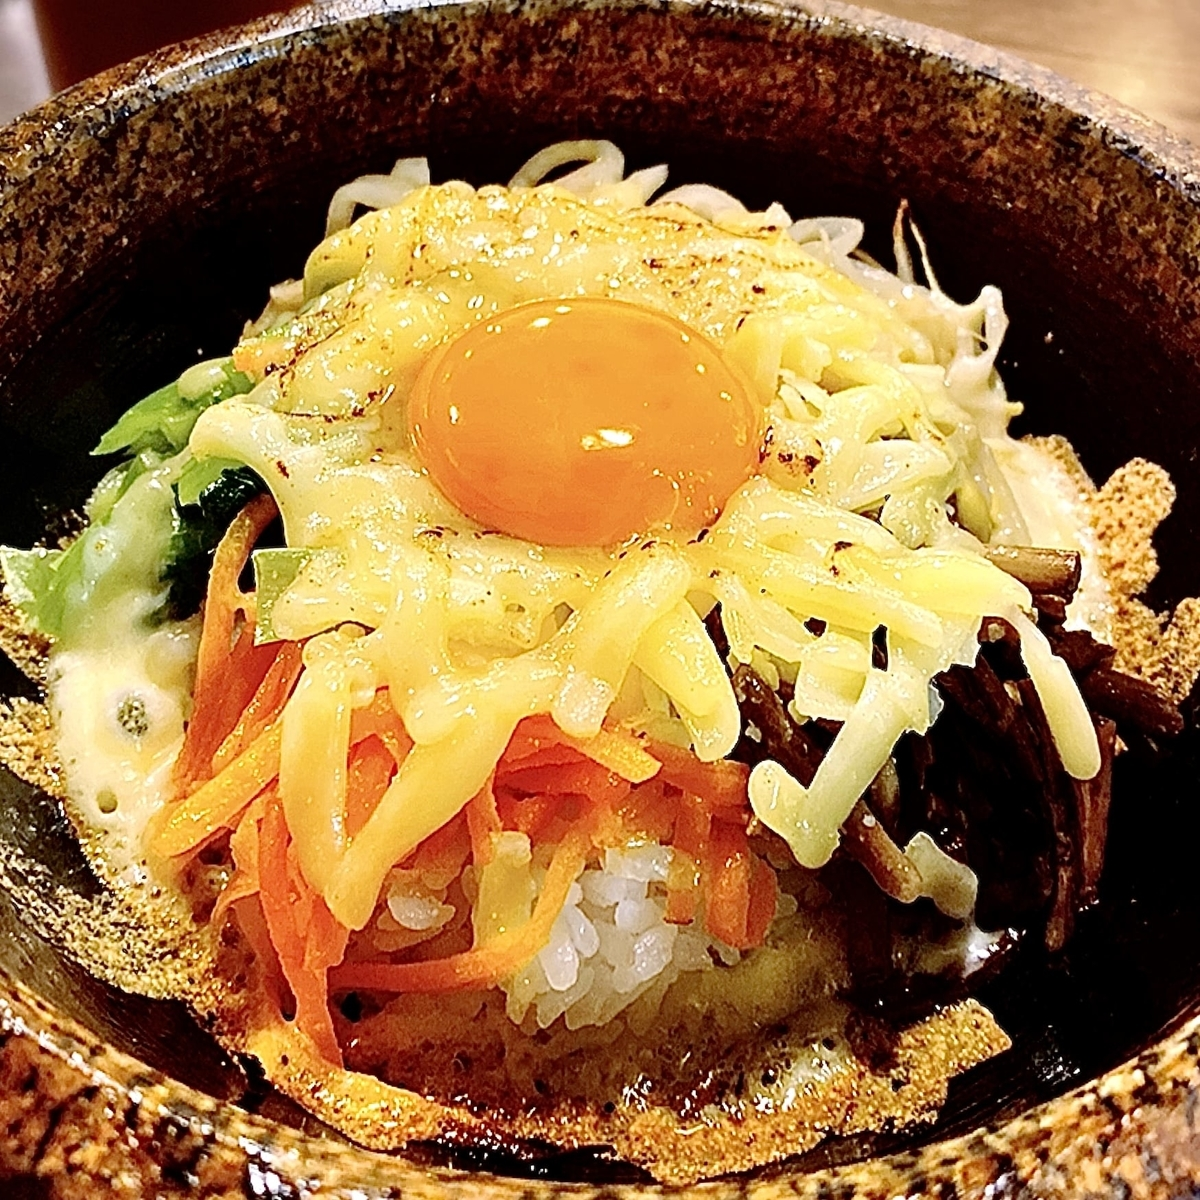 吉祥寺でランチで韓国料理や肉の食べ放題が堪能できる「韓味楽(ハンミラク)」※食べ放題、ひとりから複数、1000~2000円